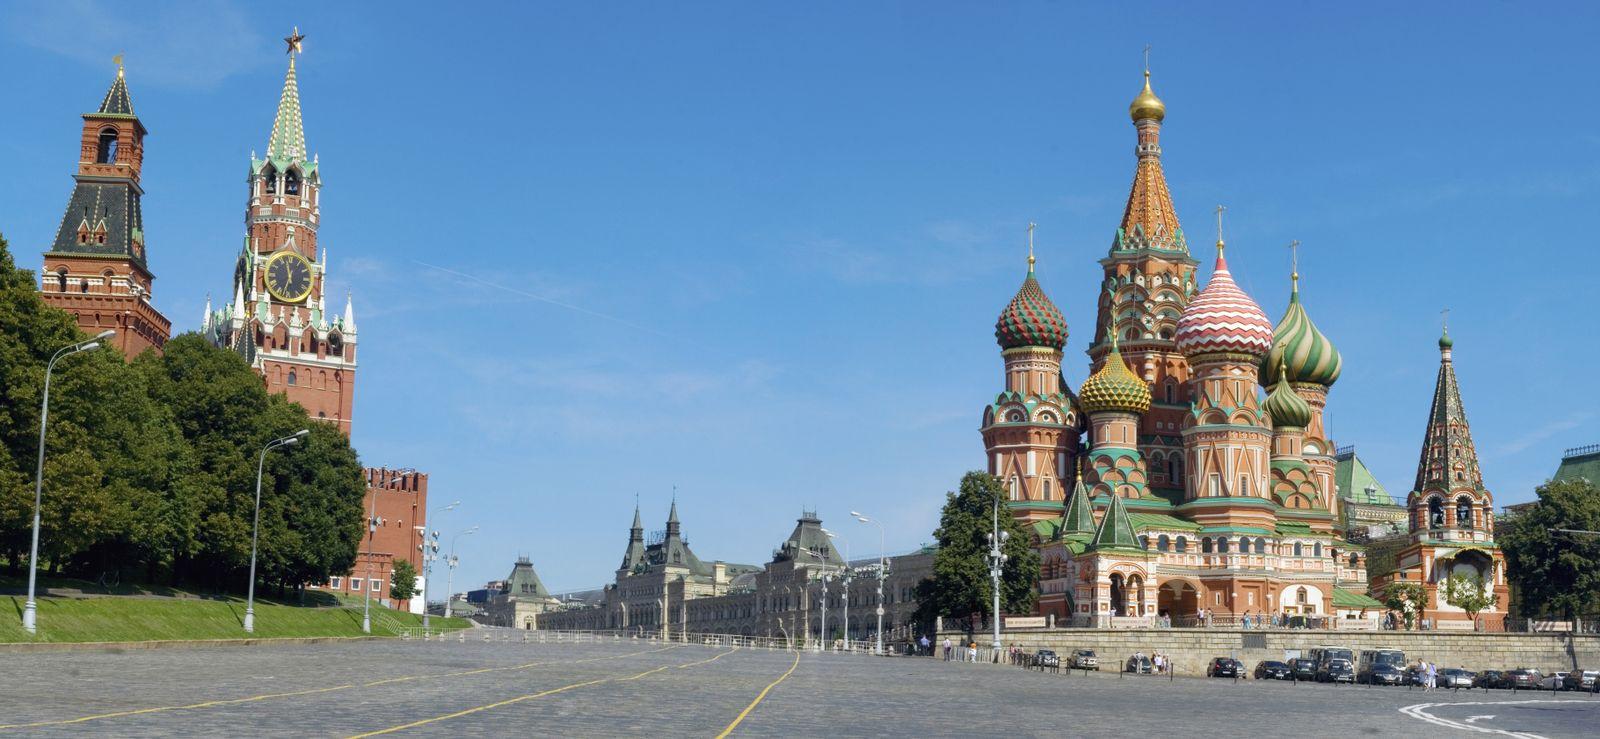 NICHT MEHR VERWENDEN! - Moskau/ Kreml